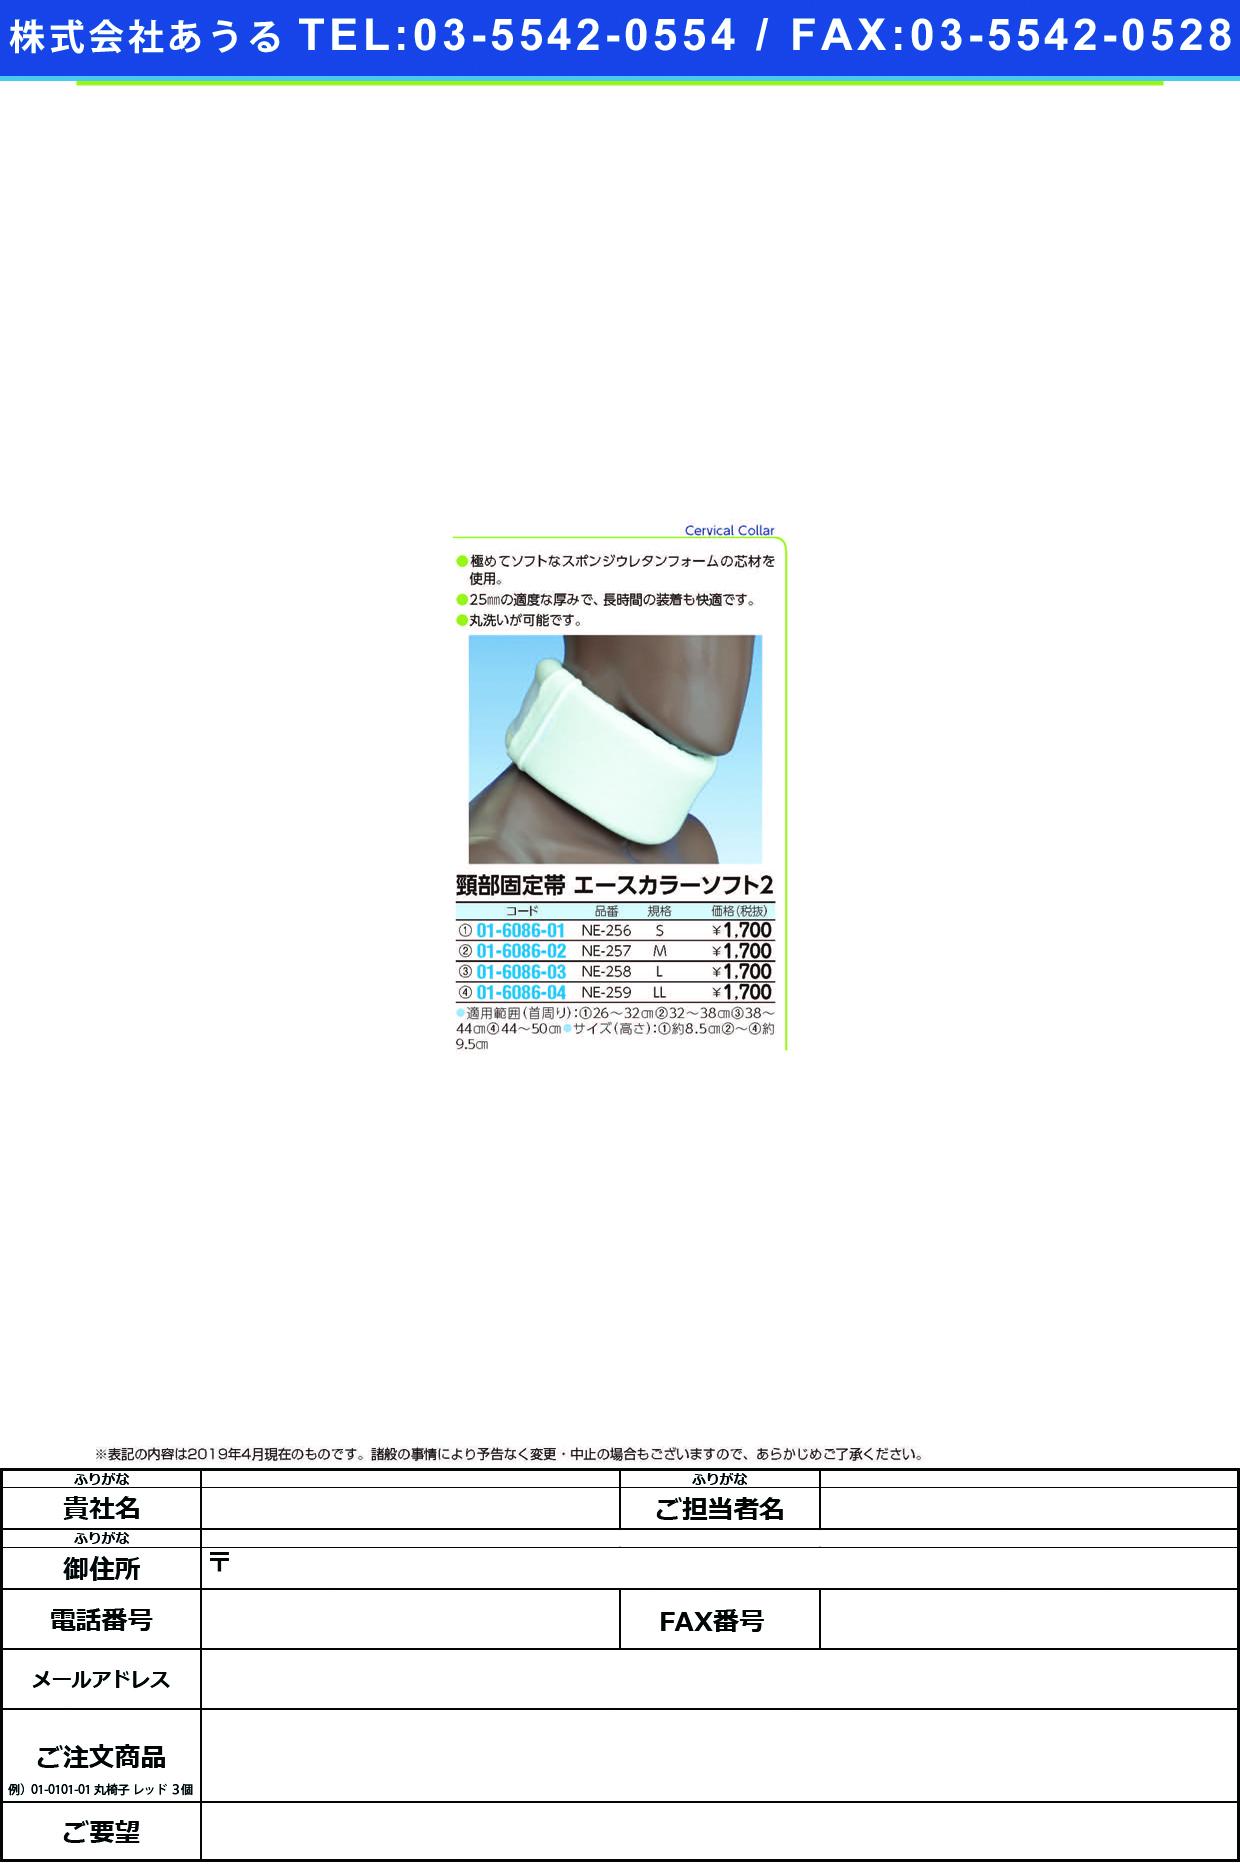 (01-6086-04)エースカラーソフト2(LL) NE-259(44-50CM) エースカラーソフト2LL(日本衛材)【1箱単位】【2019年カタログ商品】